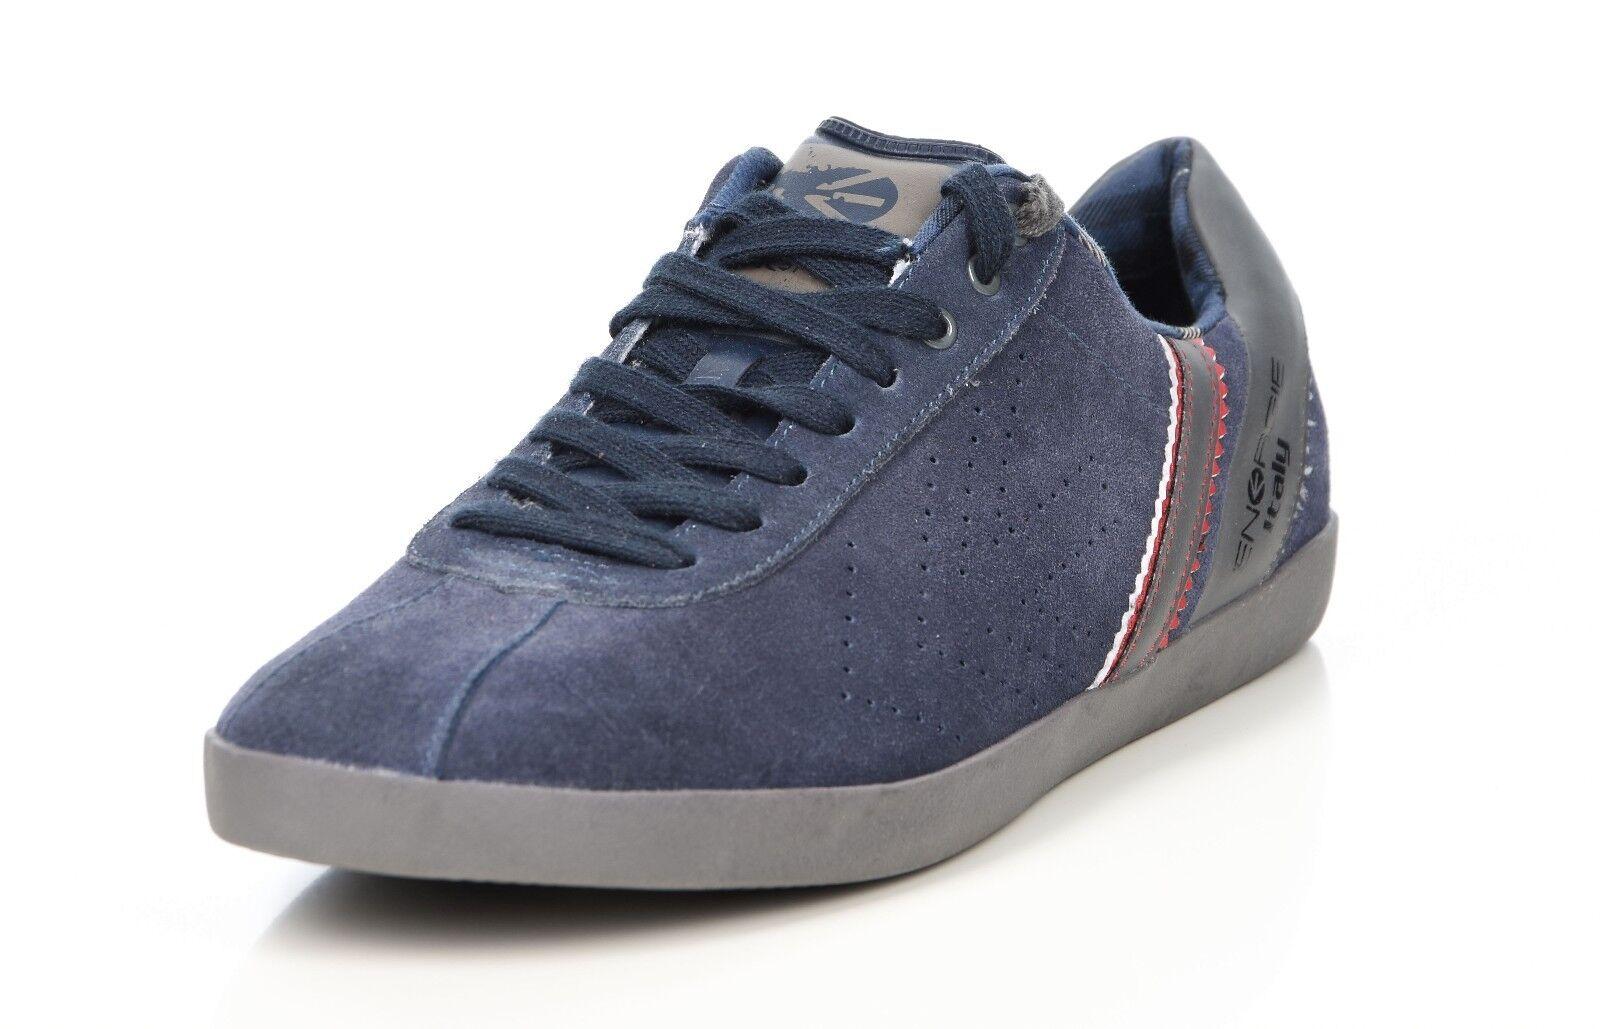 Energía Sixty spa Rome calcetines cortos azul zapatos Men tamaño 42 nuevo h509